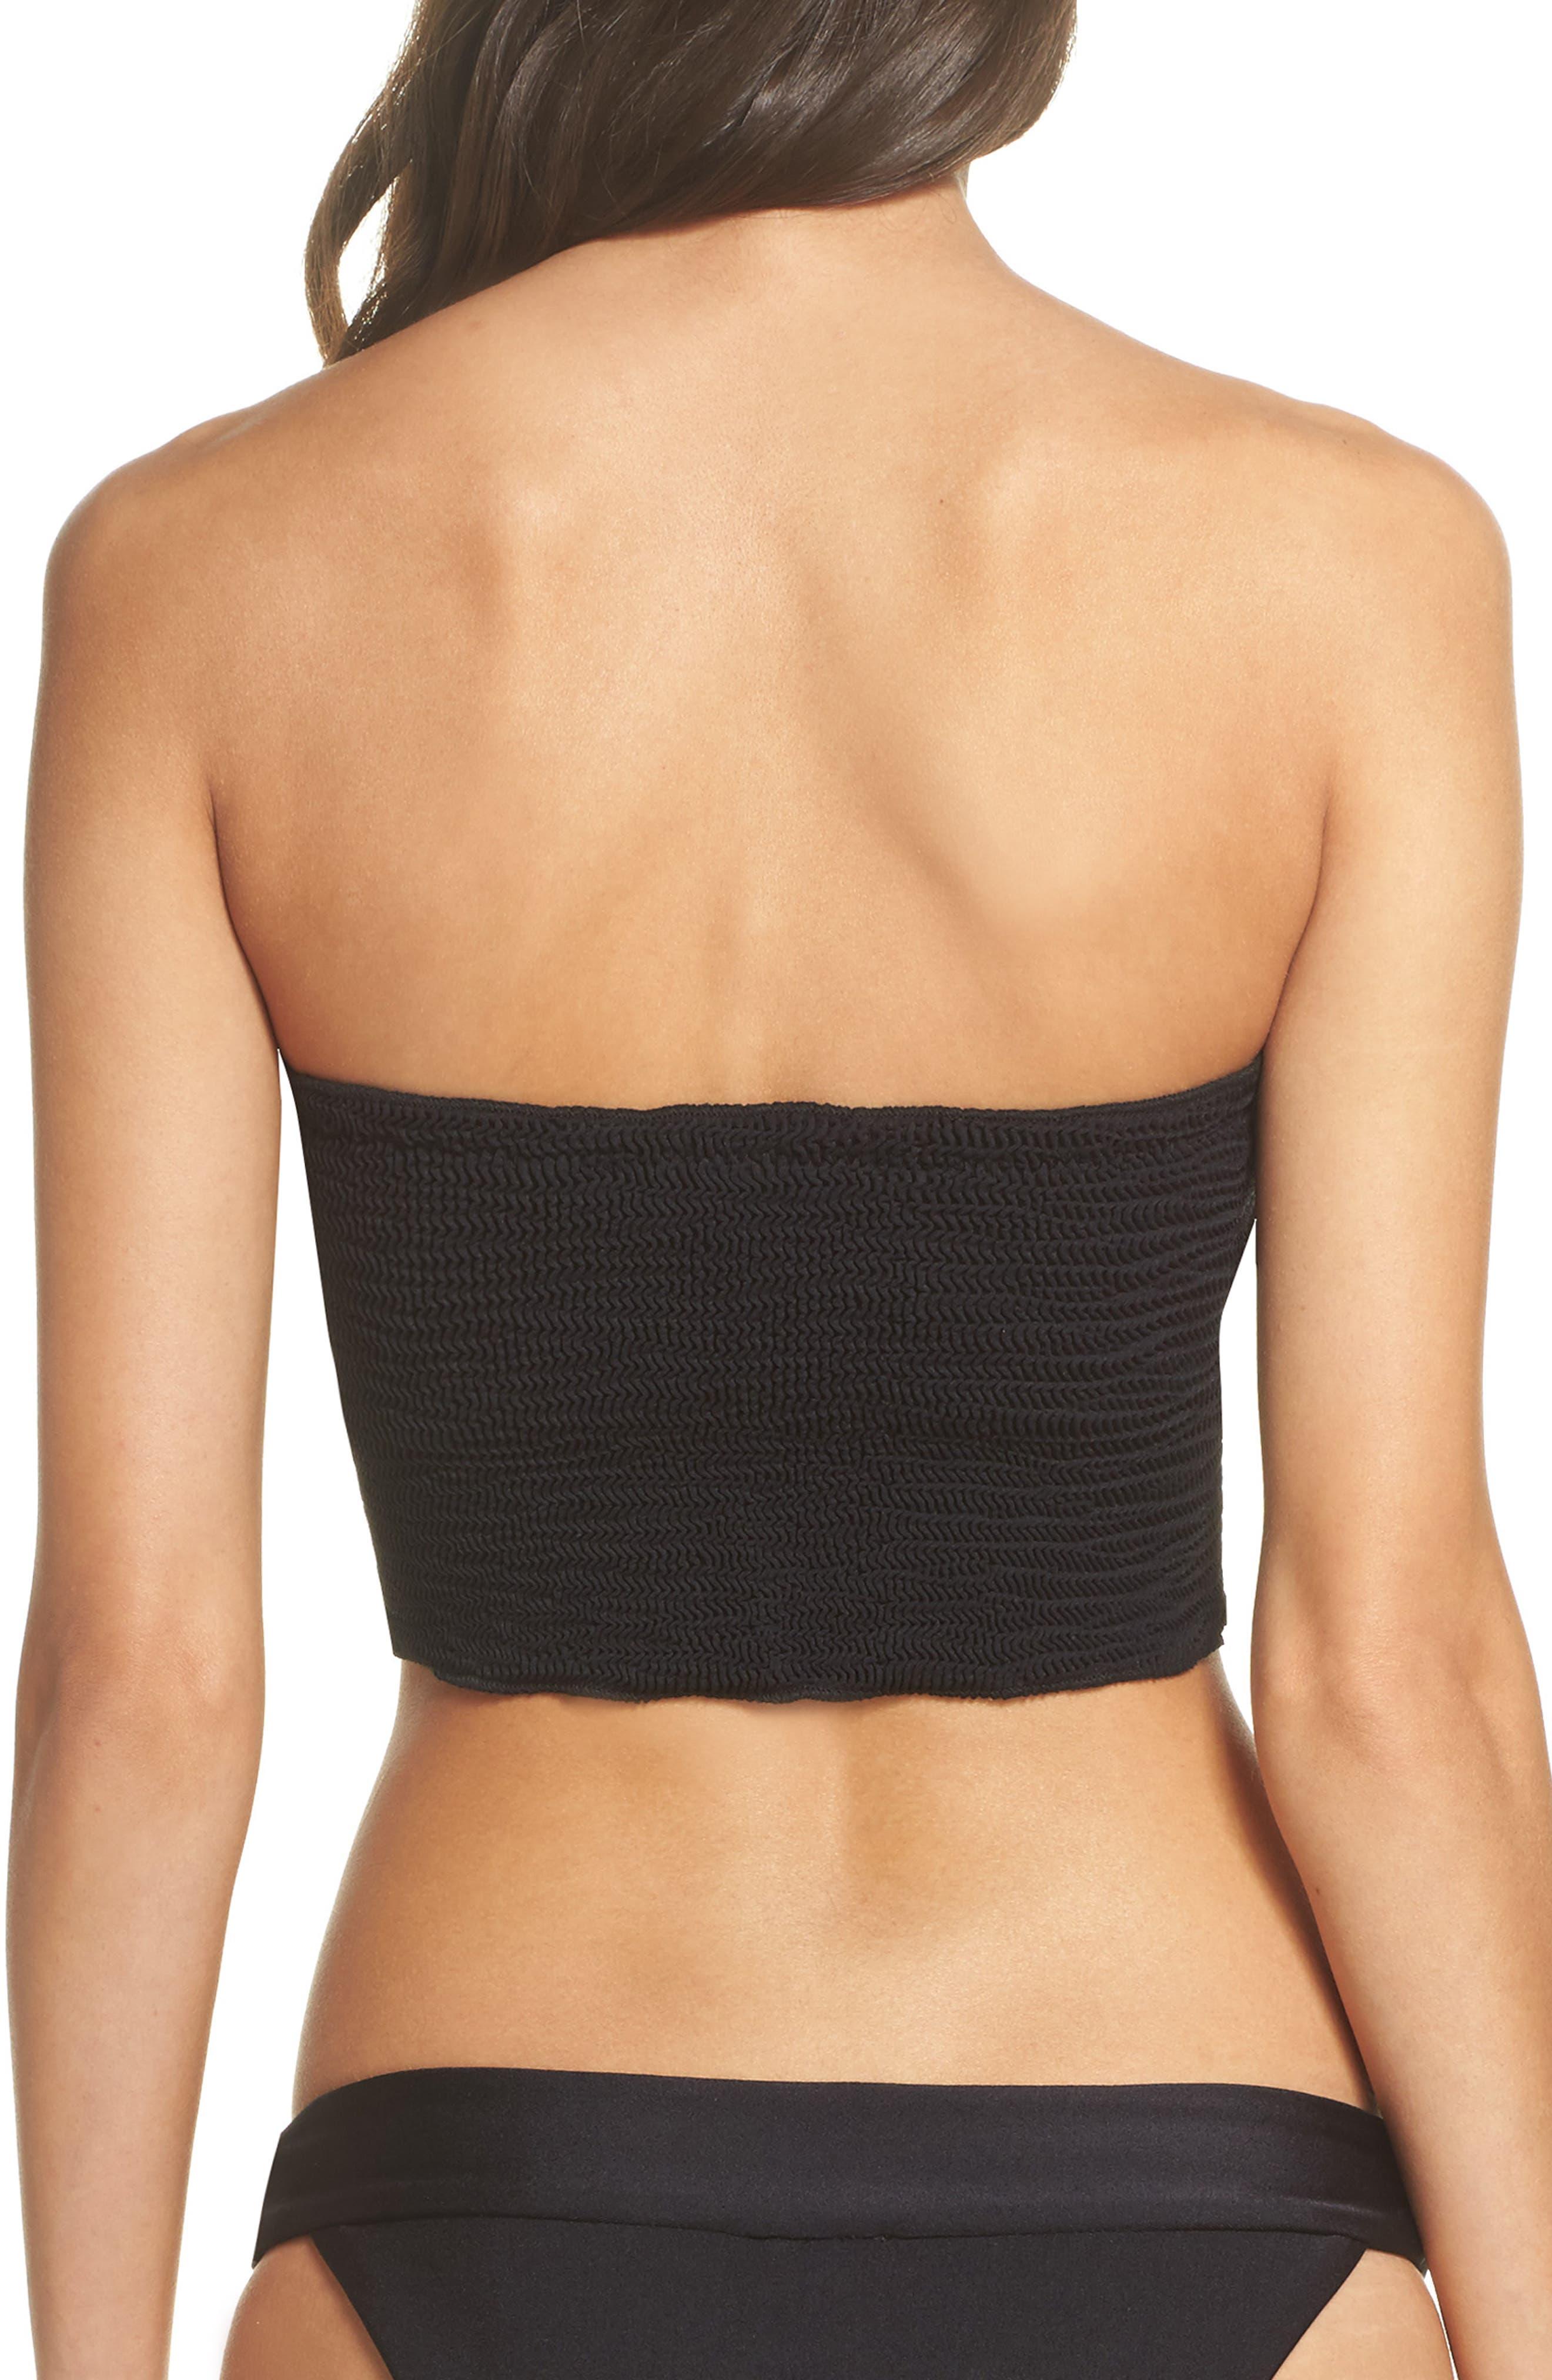 Tubular Bikini Top,                             Alternate thumbnail 2, color,                             Black